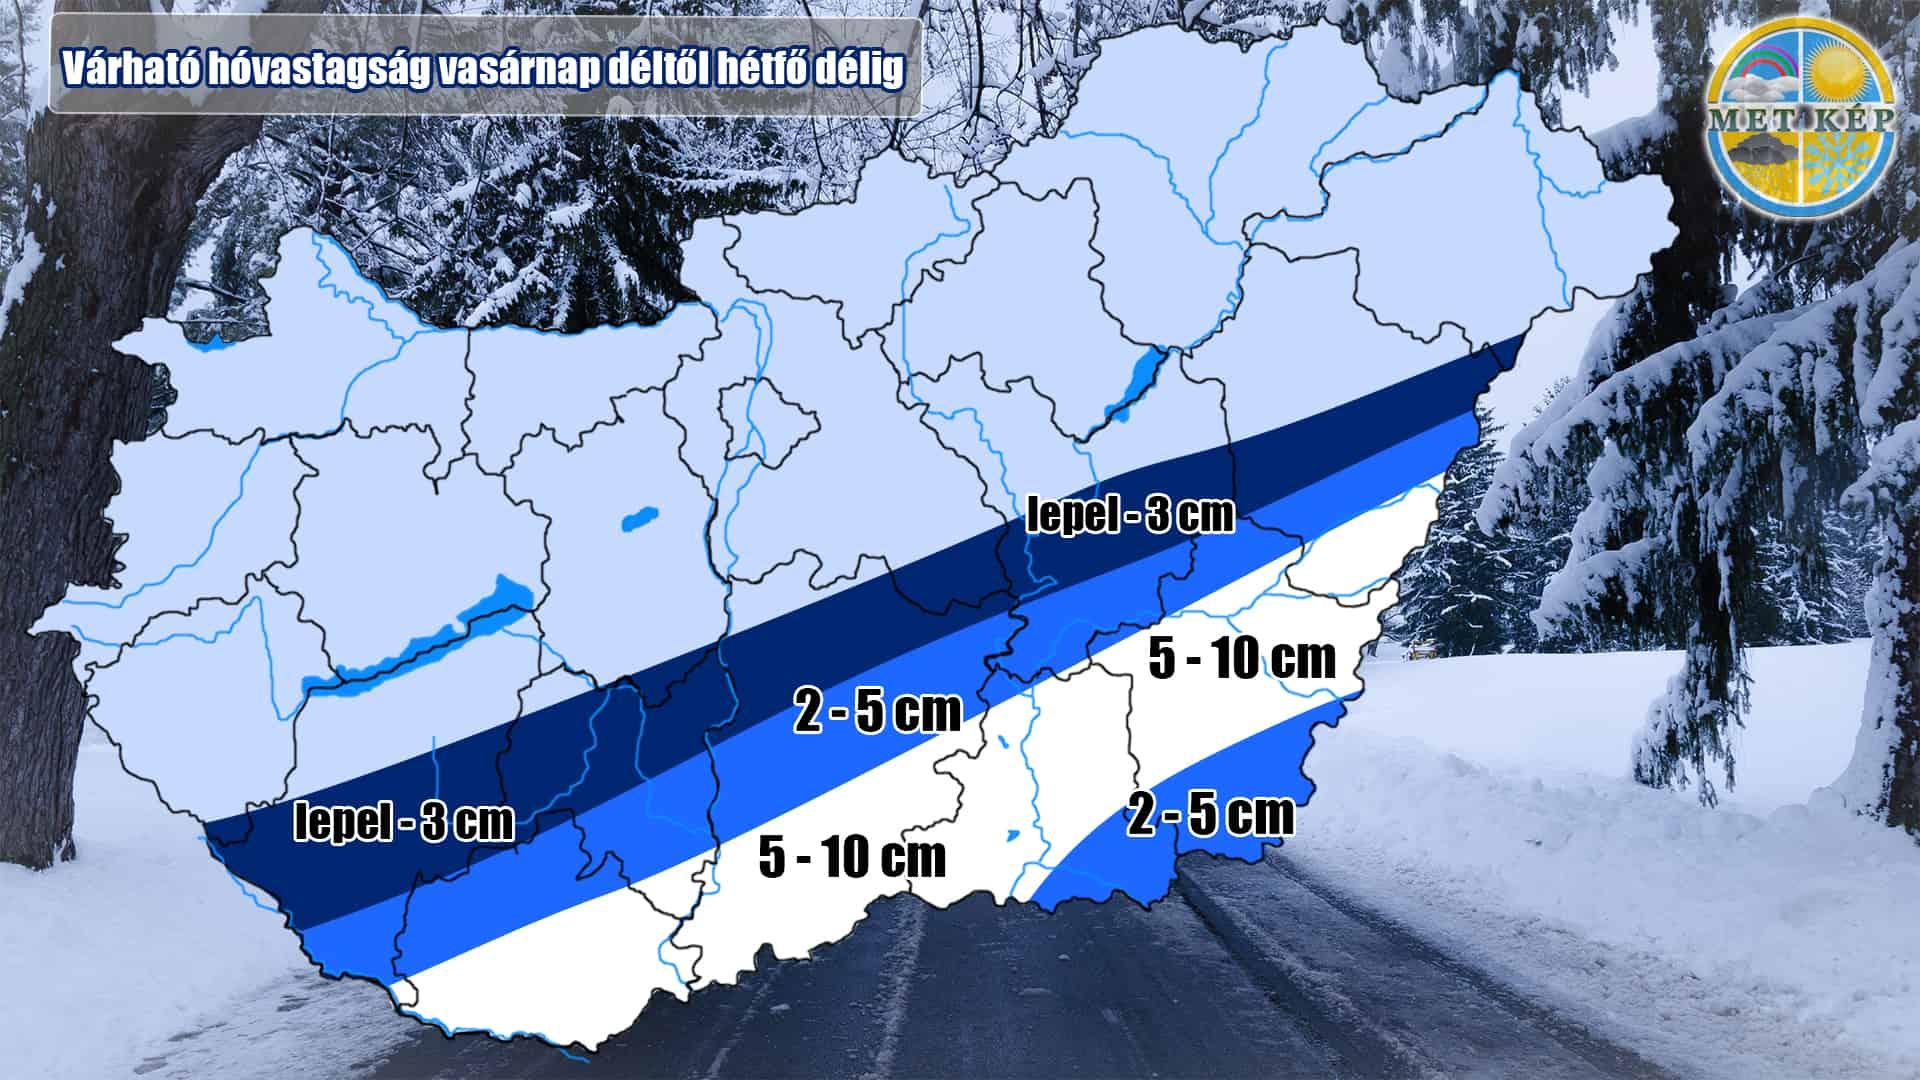 Érkezik a vegyes csapadék: néhol 5-10cm hó hullhat hétfő délig! 3